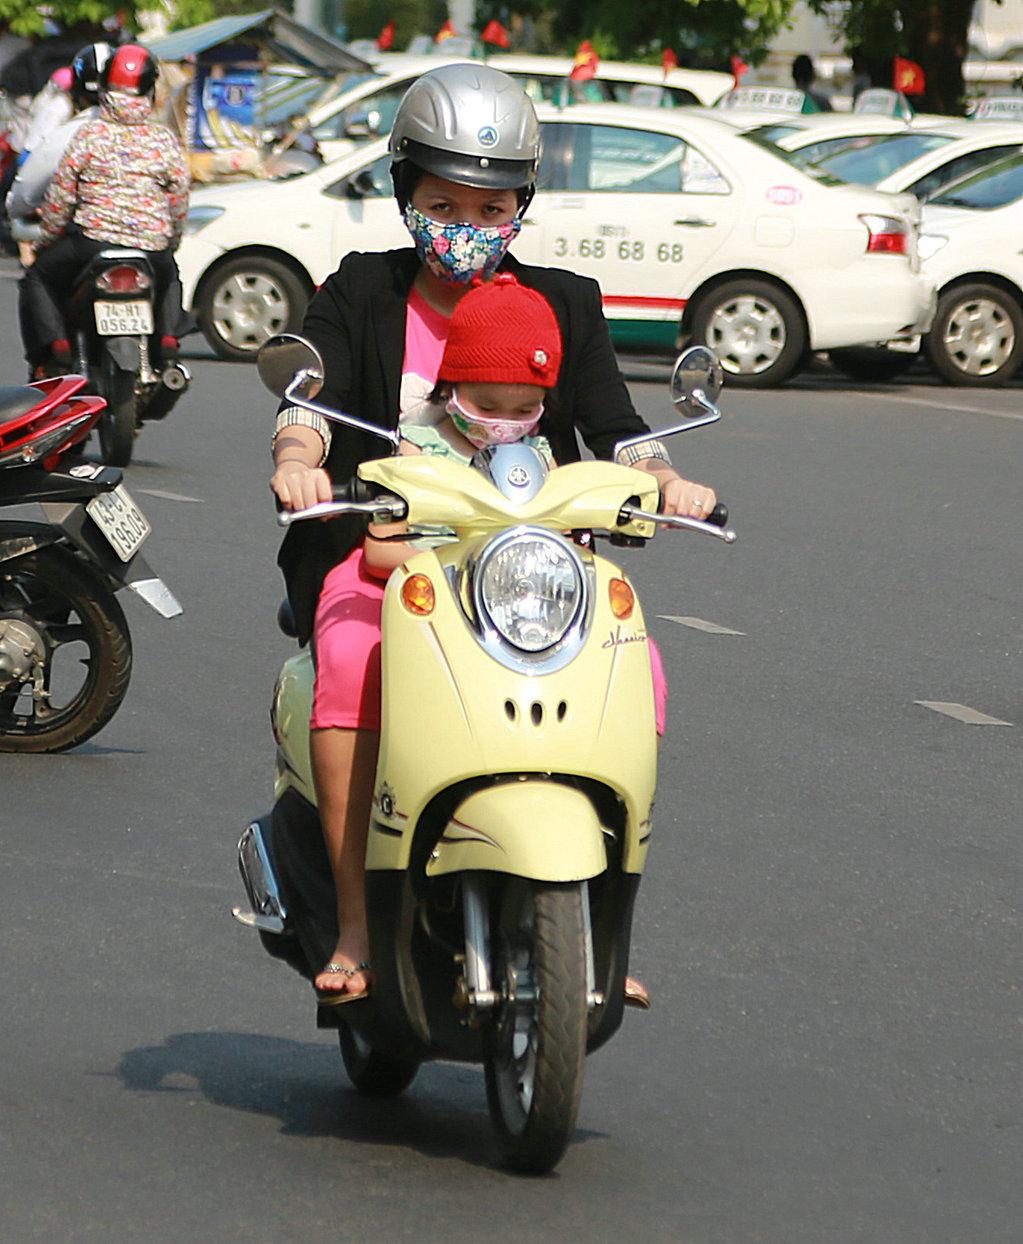 去过越南的朋友对城市中飞奔的摩托大军应该印象深刻,即使没去过,估计大家也早有耳闻。兔子旅行中最喜爱的就是人文,今天,兔子的镜头依然对准越南大街小巷中飞奔的摩托车大军,但主角不是摩托车,而是骑摩托车的人,确切地讲是全副武装骑摩托车的女人!去越南旅行时,如果你足够细心,你会发现越南女人很怕晒,即使是很热的季节,许多越南女性也会穿长衣、长裤、手套,以及斗笠和口罩什么的,尤其是骑摩托车时,怕晒的女性把自己捂得严严实实的,好像防化学武器一样,让人想笑。这组照片拍自越南的岘港和会安,女性全副武装骑摩托车的密度之高令人